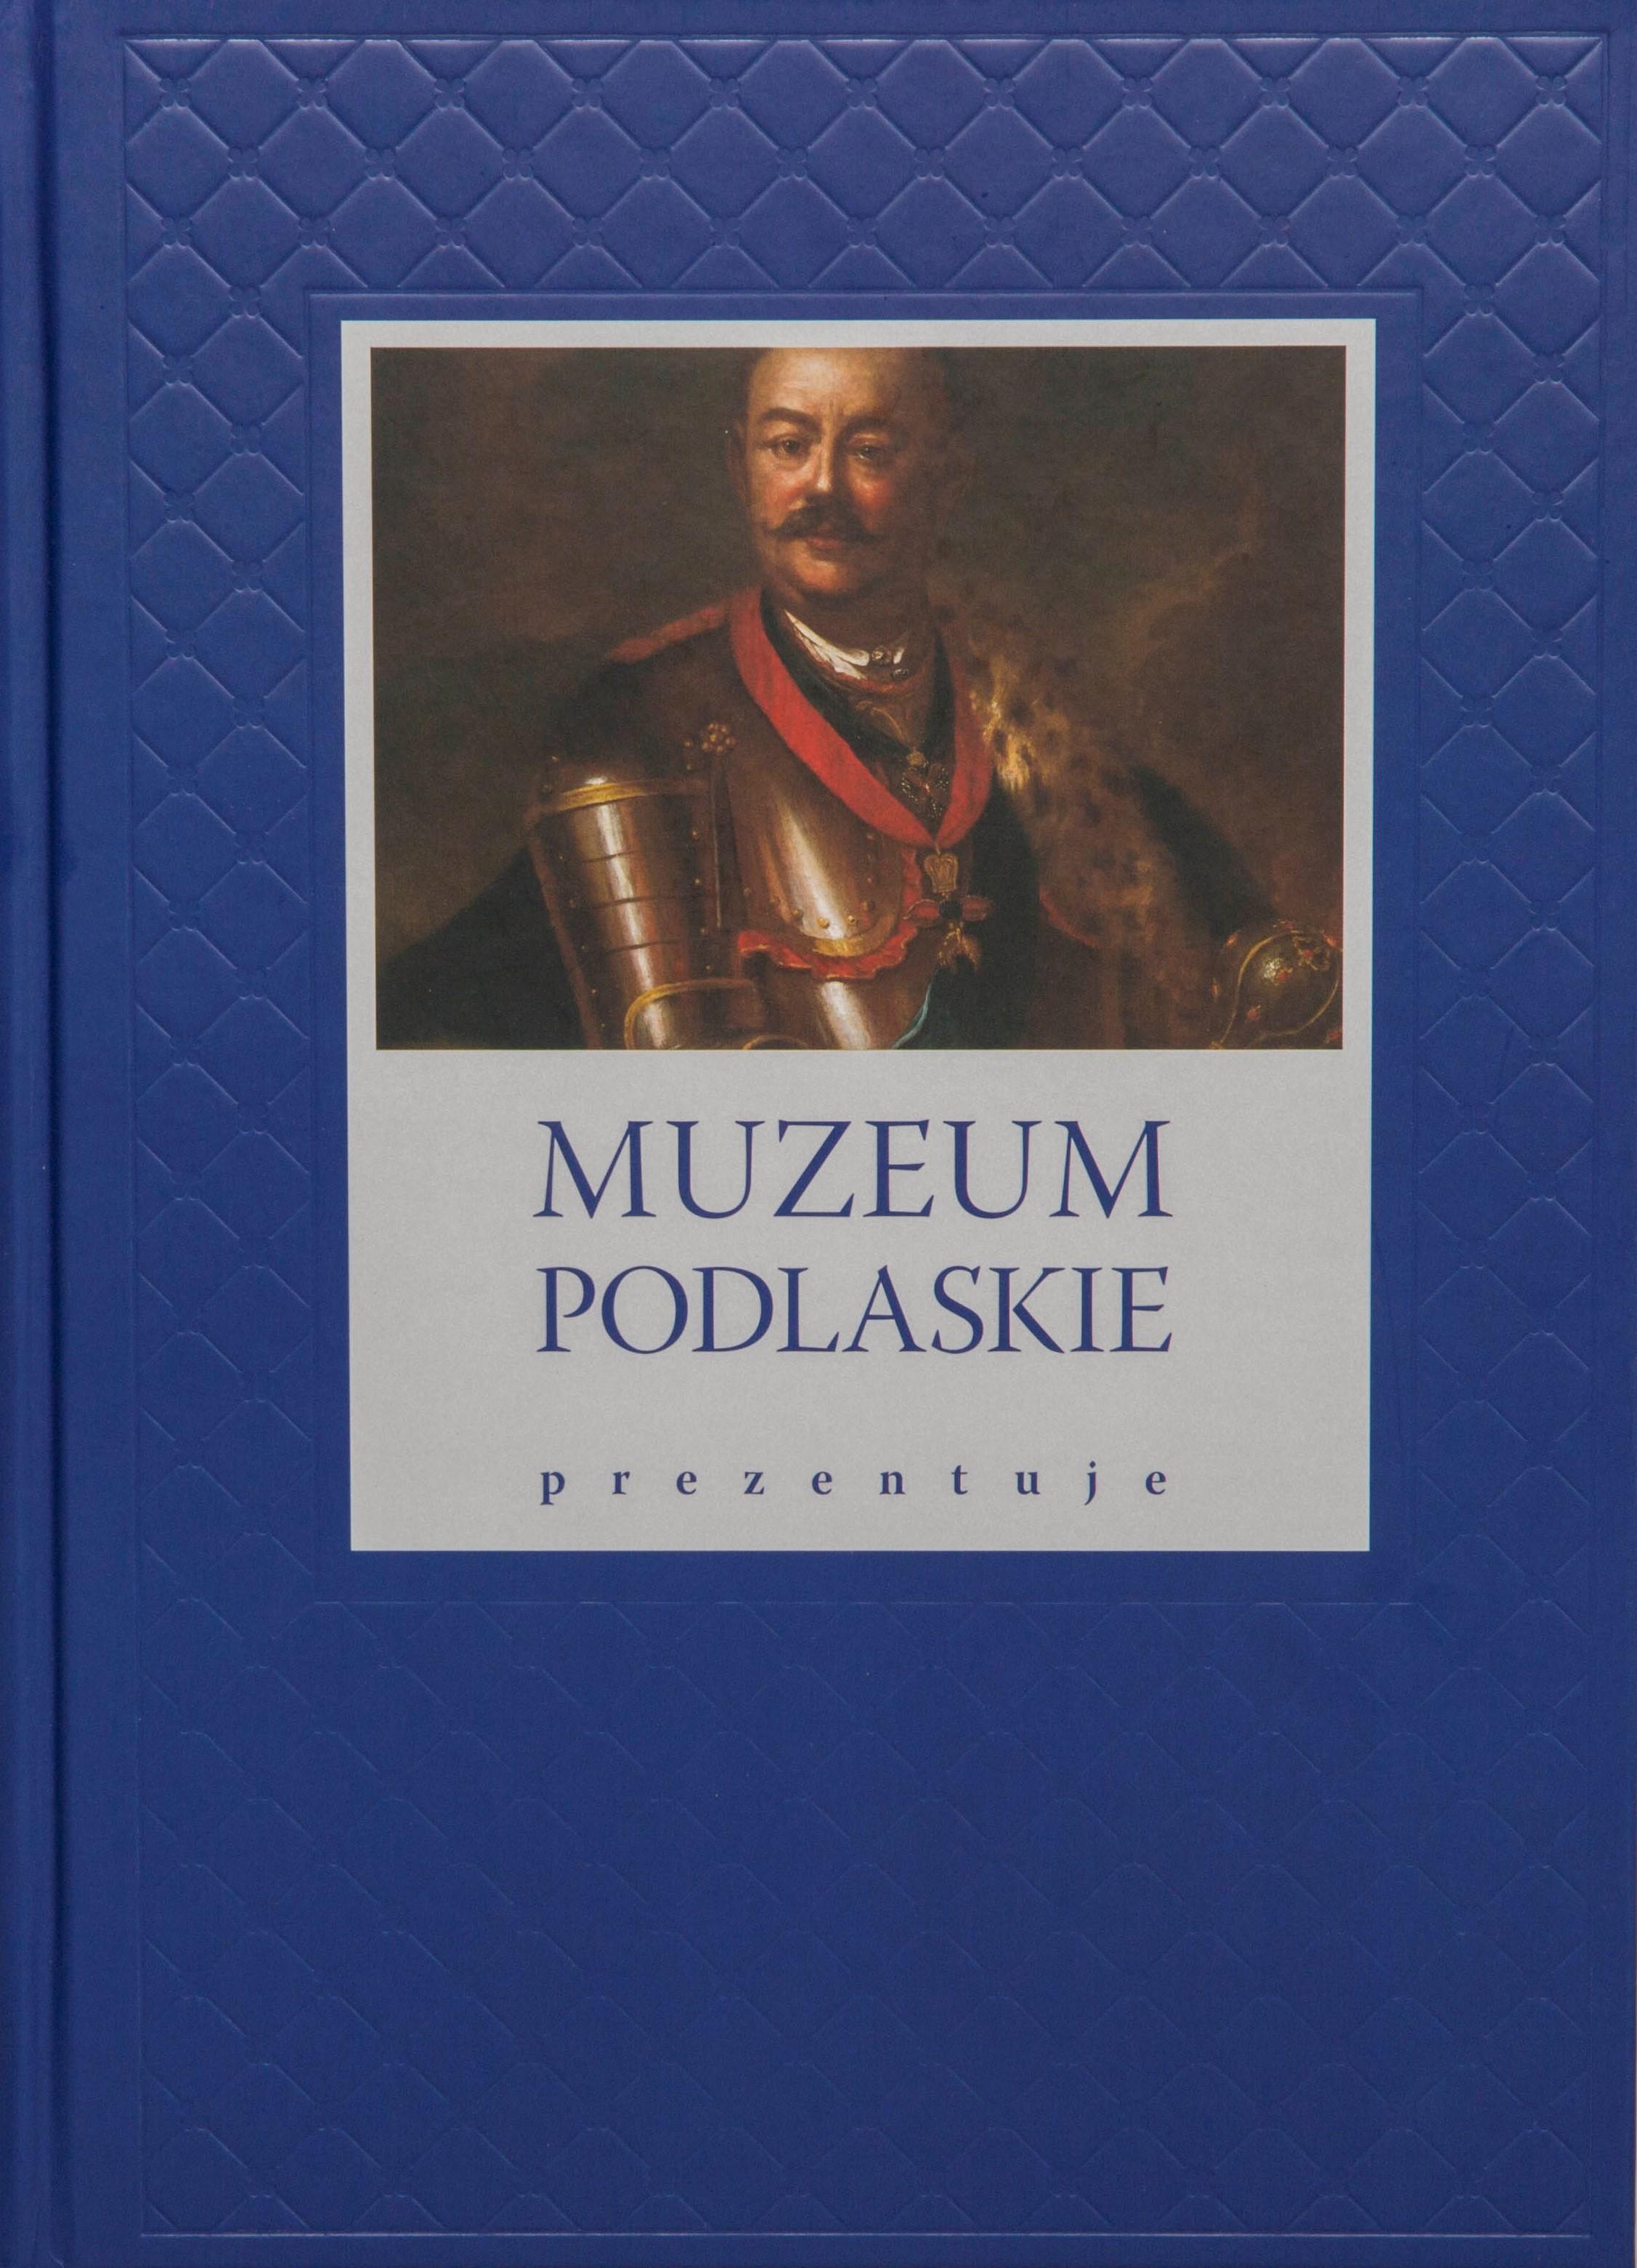 Niebieska okładka książki. Po środku obraz przedstawiający portret hetmana Jana Klemensa Branickiego. Poniżej na białym tle napis: Muzeum Podlaskie prezentuje.